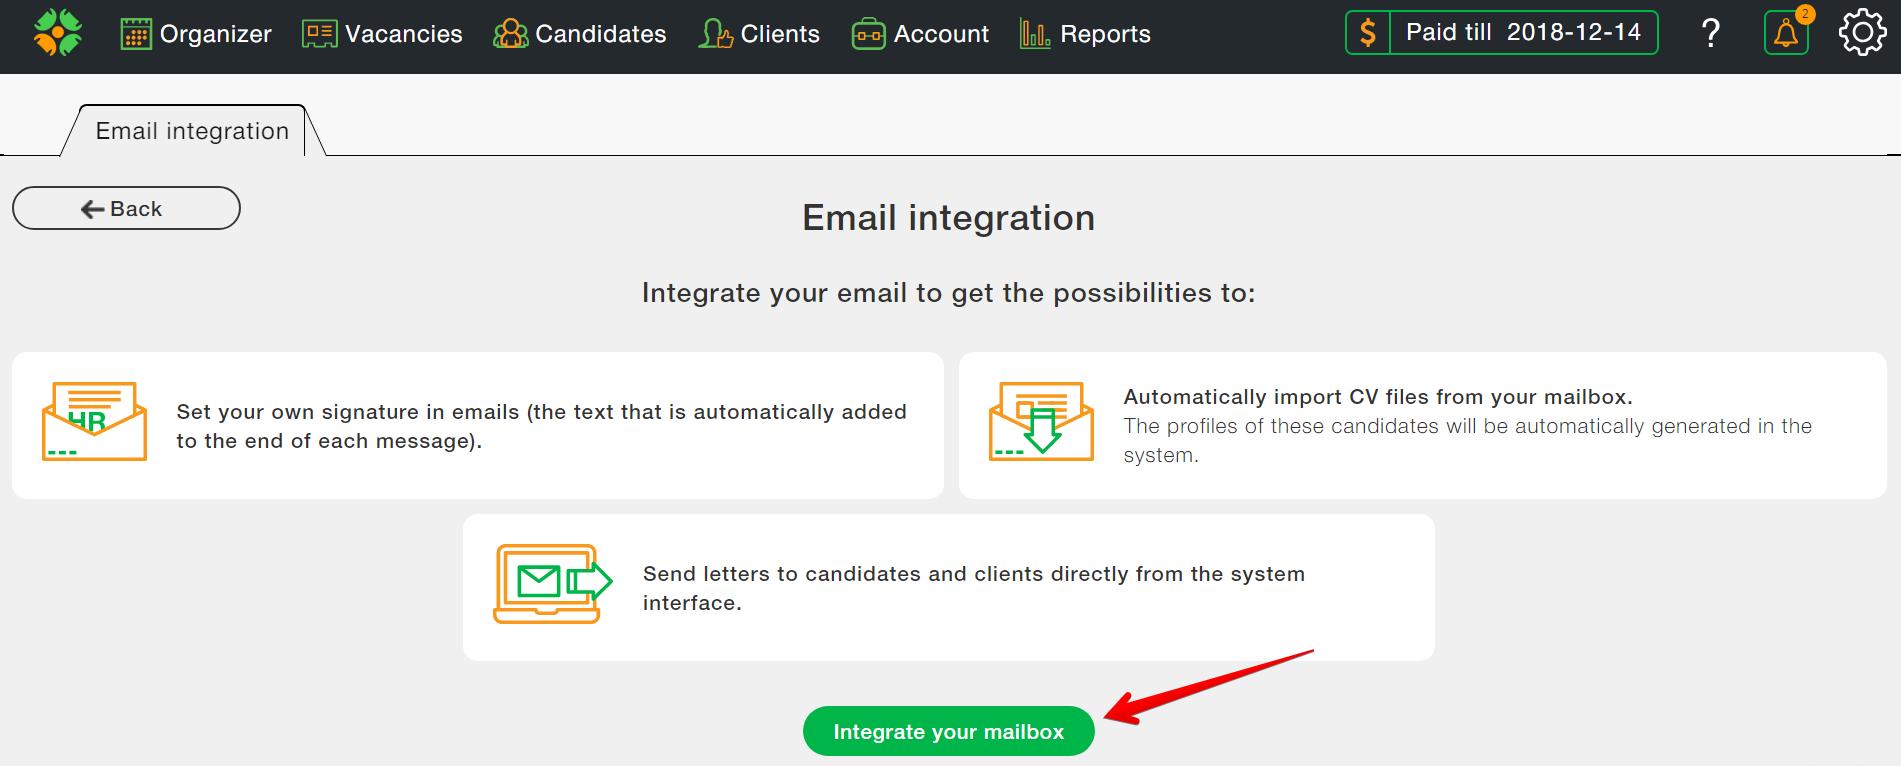 Email integration Google Chrome 2018 11 19 15.28.09 1 - Как настроить интеграцию с email?